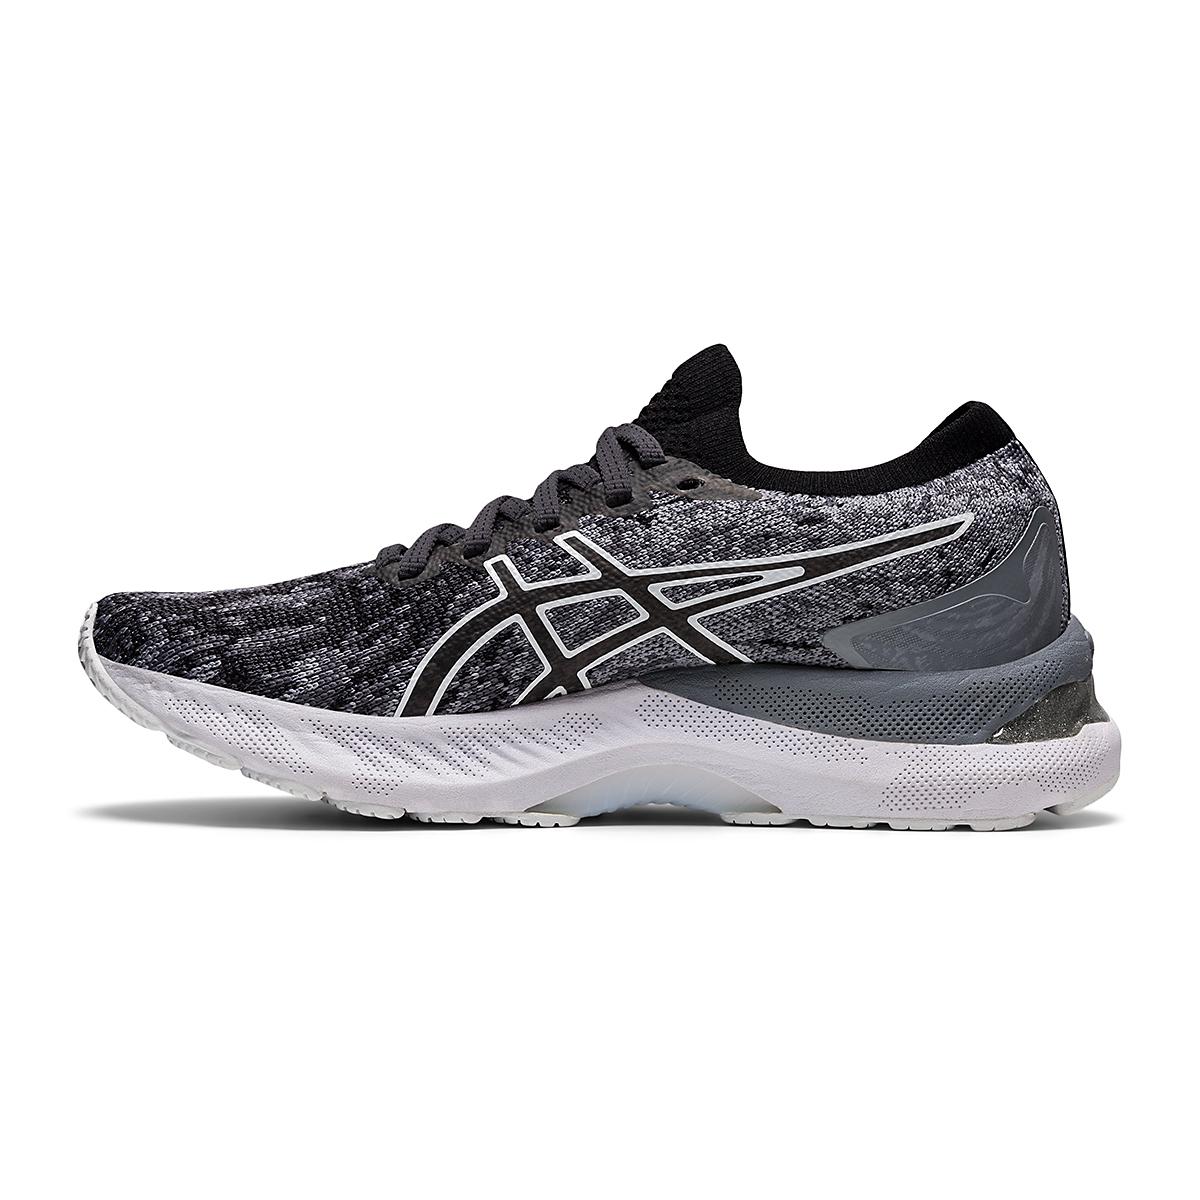 Women's Asics Gel-Nimbus 23 Knit Running Shoe - Color: Sheet Rock/Black - Size: 5 - Width: Regular, Sheet Rock/Black, large, image 2